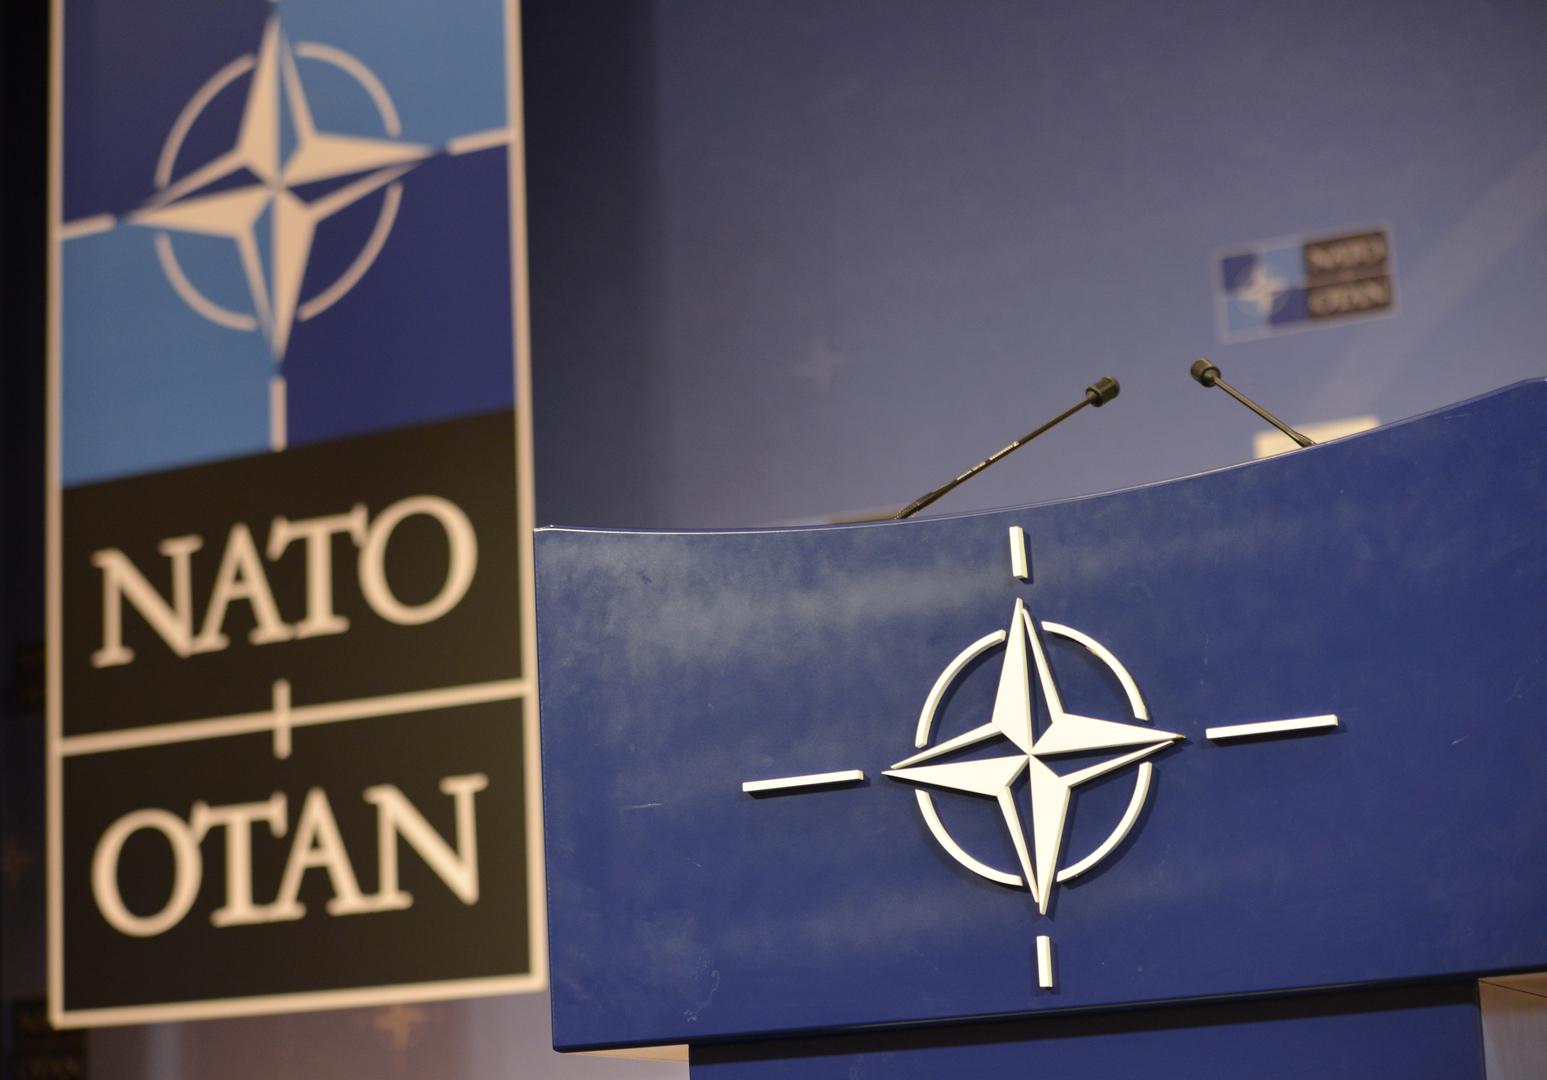 الناتو ينفي ما ورد في تصريح لافروف حول غياب الاتصالات العسكرية بين الحلف وروسيا